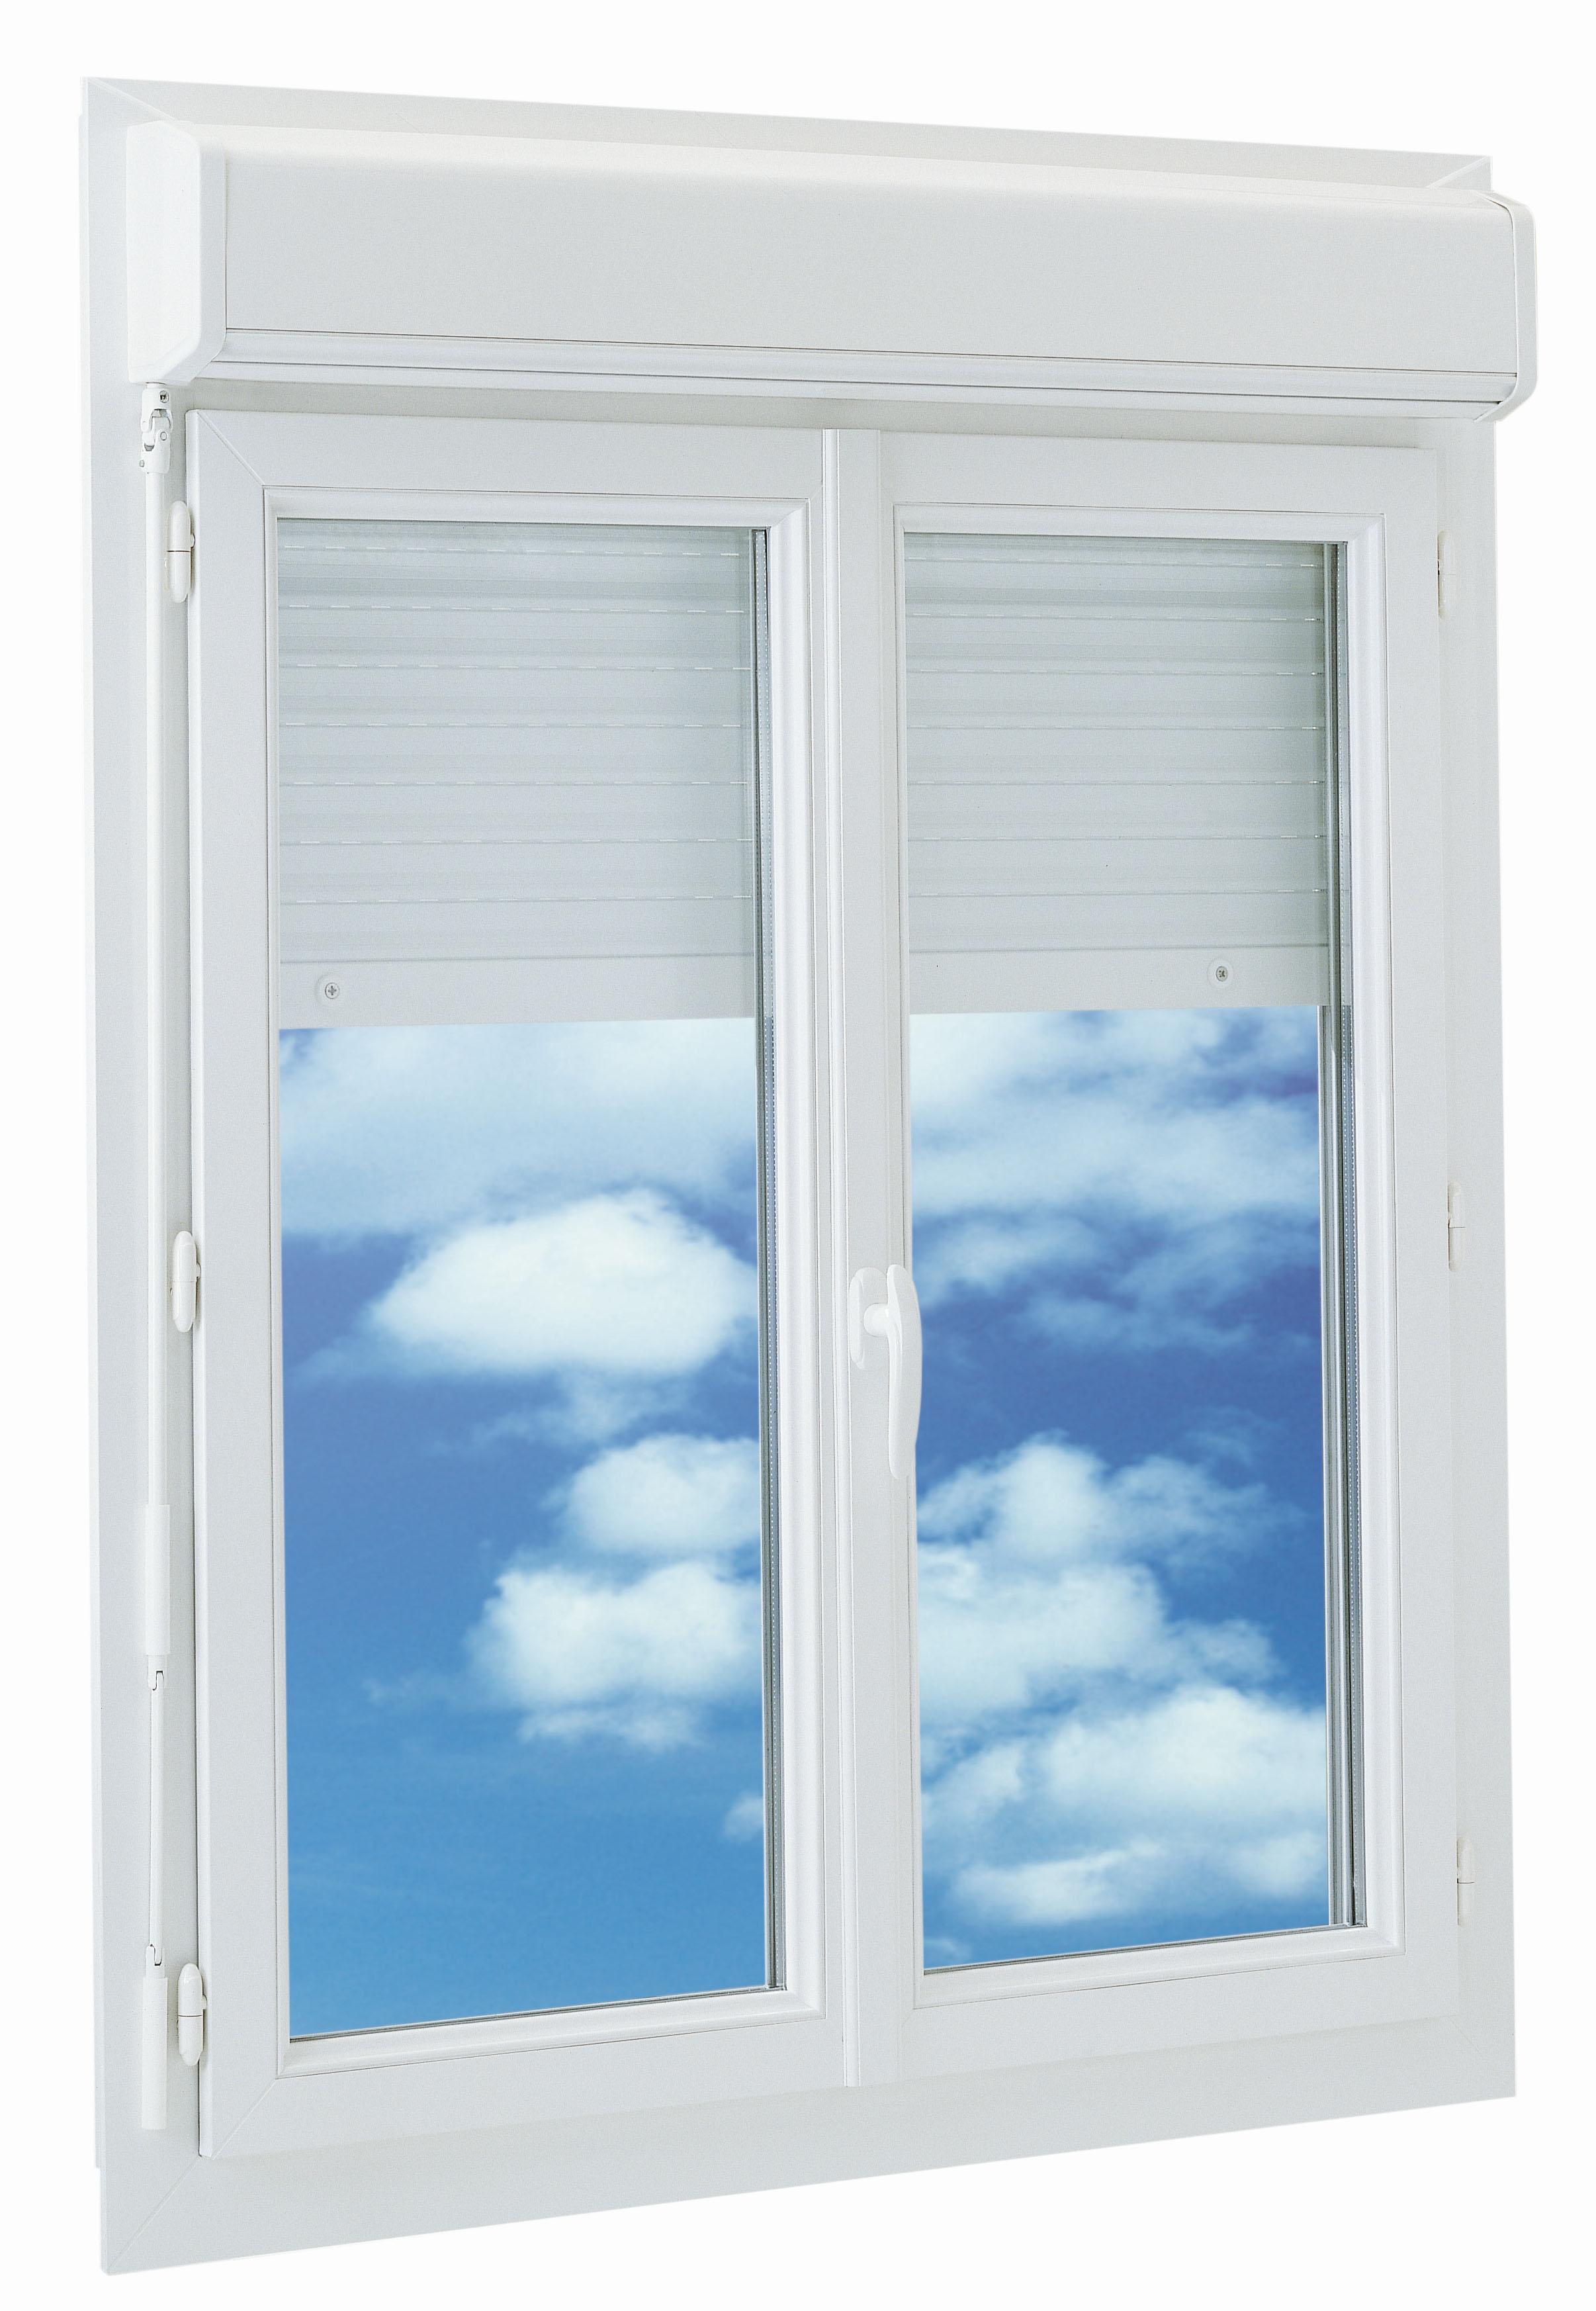 Olcsóbb műanyag redőny és ablakcsere árak